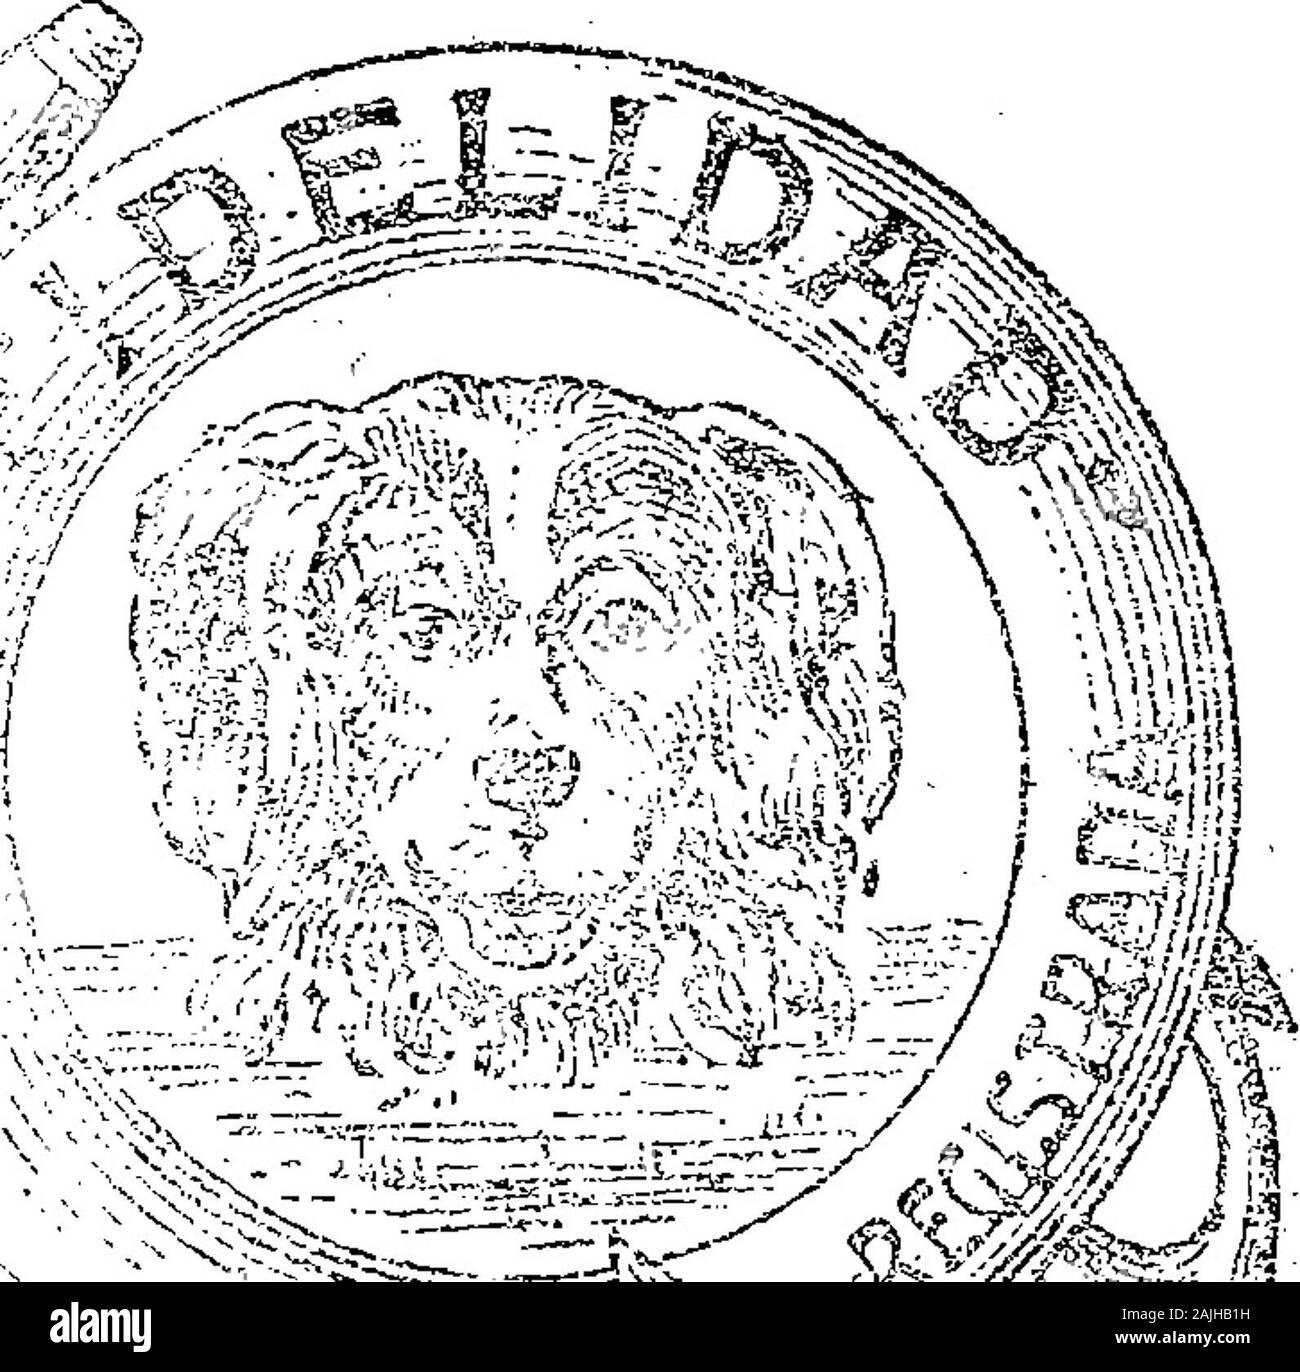 """Boletín Oficial de la República Argentina 1916 1 ra sección. isAbril 14;: de 1916. - Inchauspe yC°. - Bebidas de Allgemeine, keine?? Medici -, Nales, - alcohólicas o Keine> - Alkohol, """"de.la. éíasé-23. ; ? . I--; i> v-í2S Abril. 15 Abril de 1916. - Julio LópezgArteta y Ca. - Instrumentos y Apa* Ratos, Musicales y sus^ ceforjos. Mó"""". sica y; í¡aparatos - tocadores laütomáticofcdéí Iaííla 3e 7. ?; ¡. (I & 2 &: Abril. , LJ • A i l_I-J,,. rv?* """"^7R3! jí,^7: PwSS 9 lS>^ """" um? Mmm § m BOLETÍN OFÍCIffi -; ?? Buenos Aires; viernes, 28 de abril de 1916 537 7 w Acta Na - 52409/~Íí. 15 Abril de 1916. - Julio Lópe Stockfoto"""